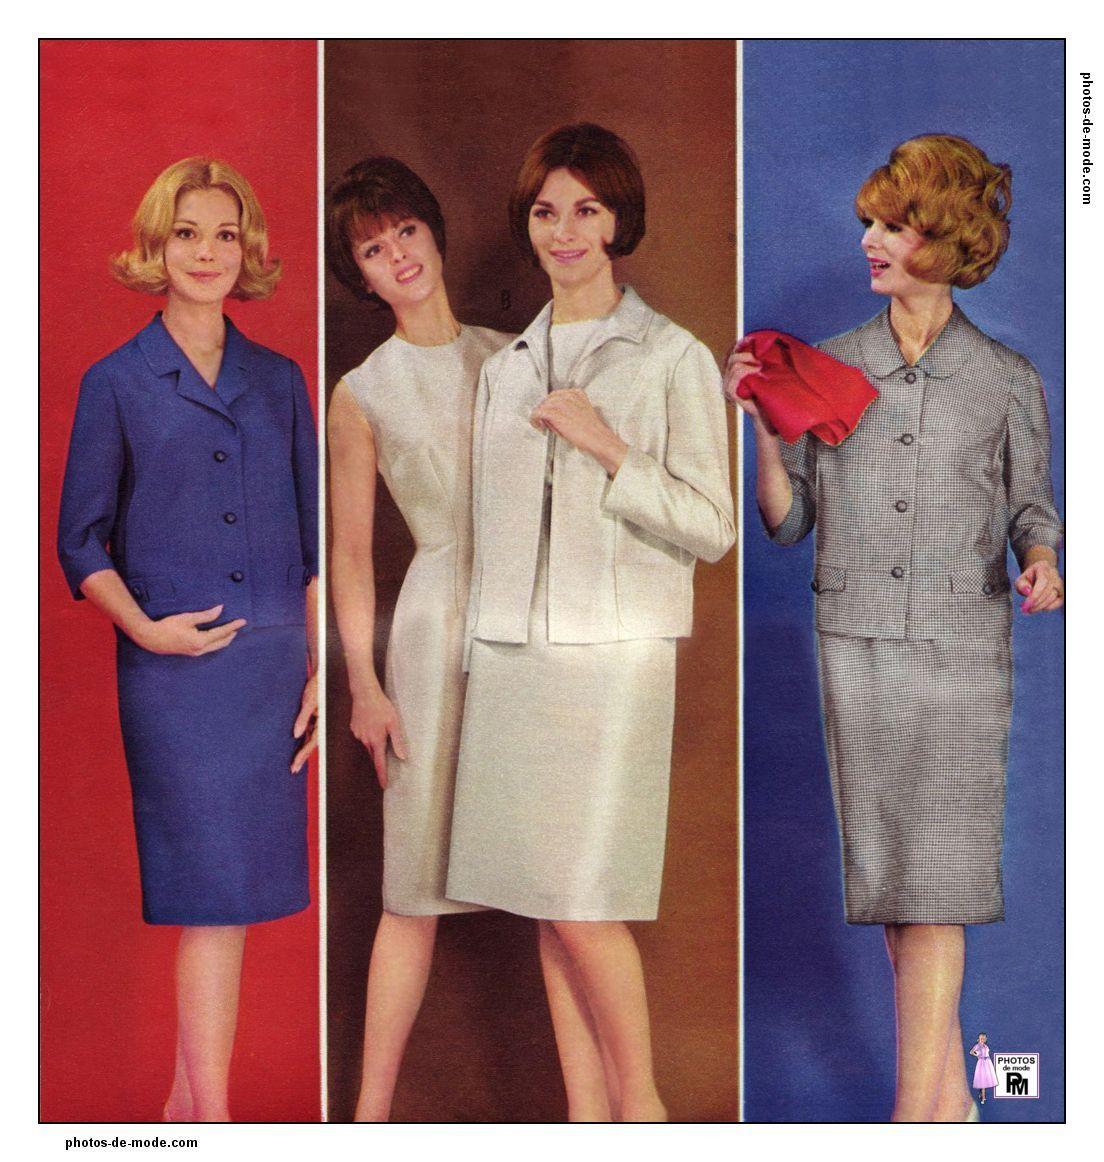 mode années 60 1964   Vintage dress 60 s   Pinterest   Mode année 60 ... fcb6ca088cc7